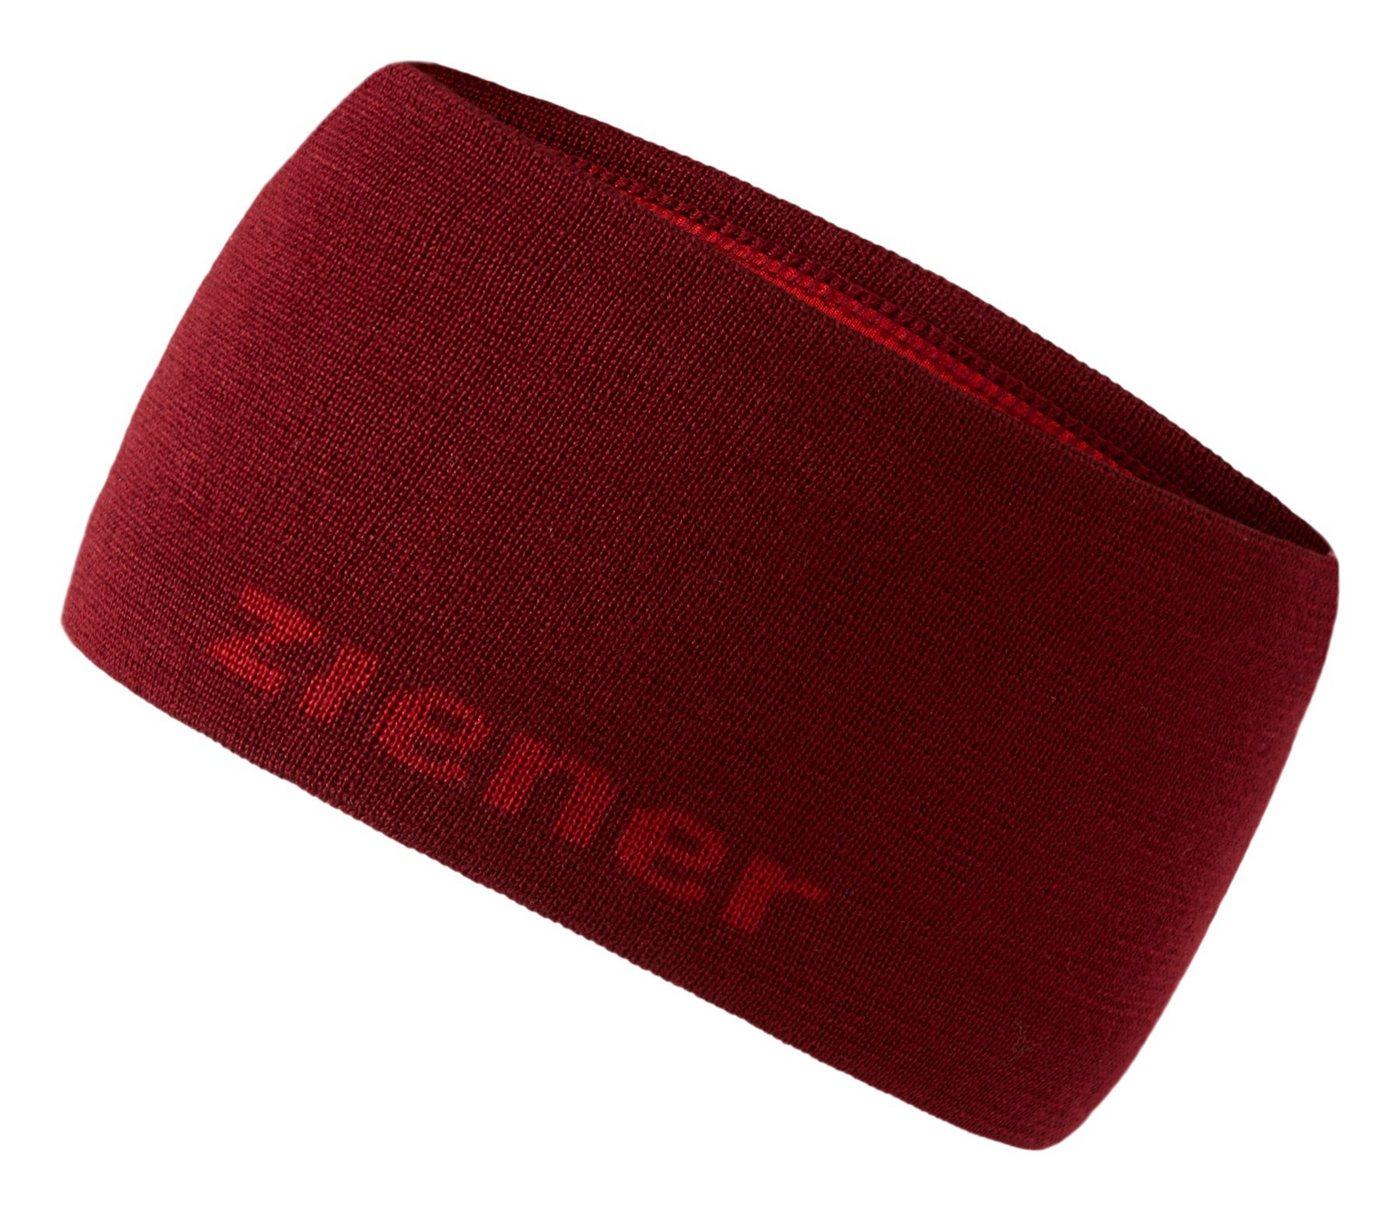 Ziener Stirnband »IXONI« | Accessoires > Mützen > Stirnbänder | Rot | Ziener